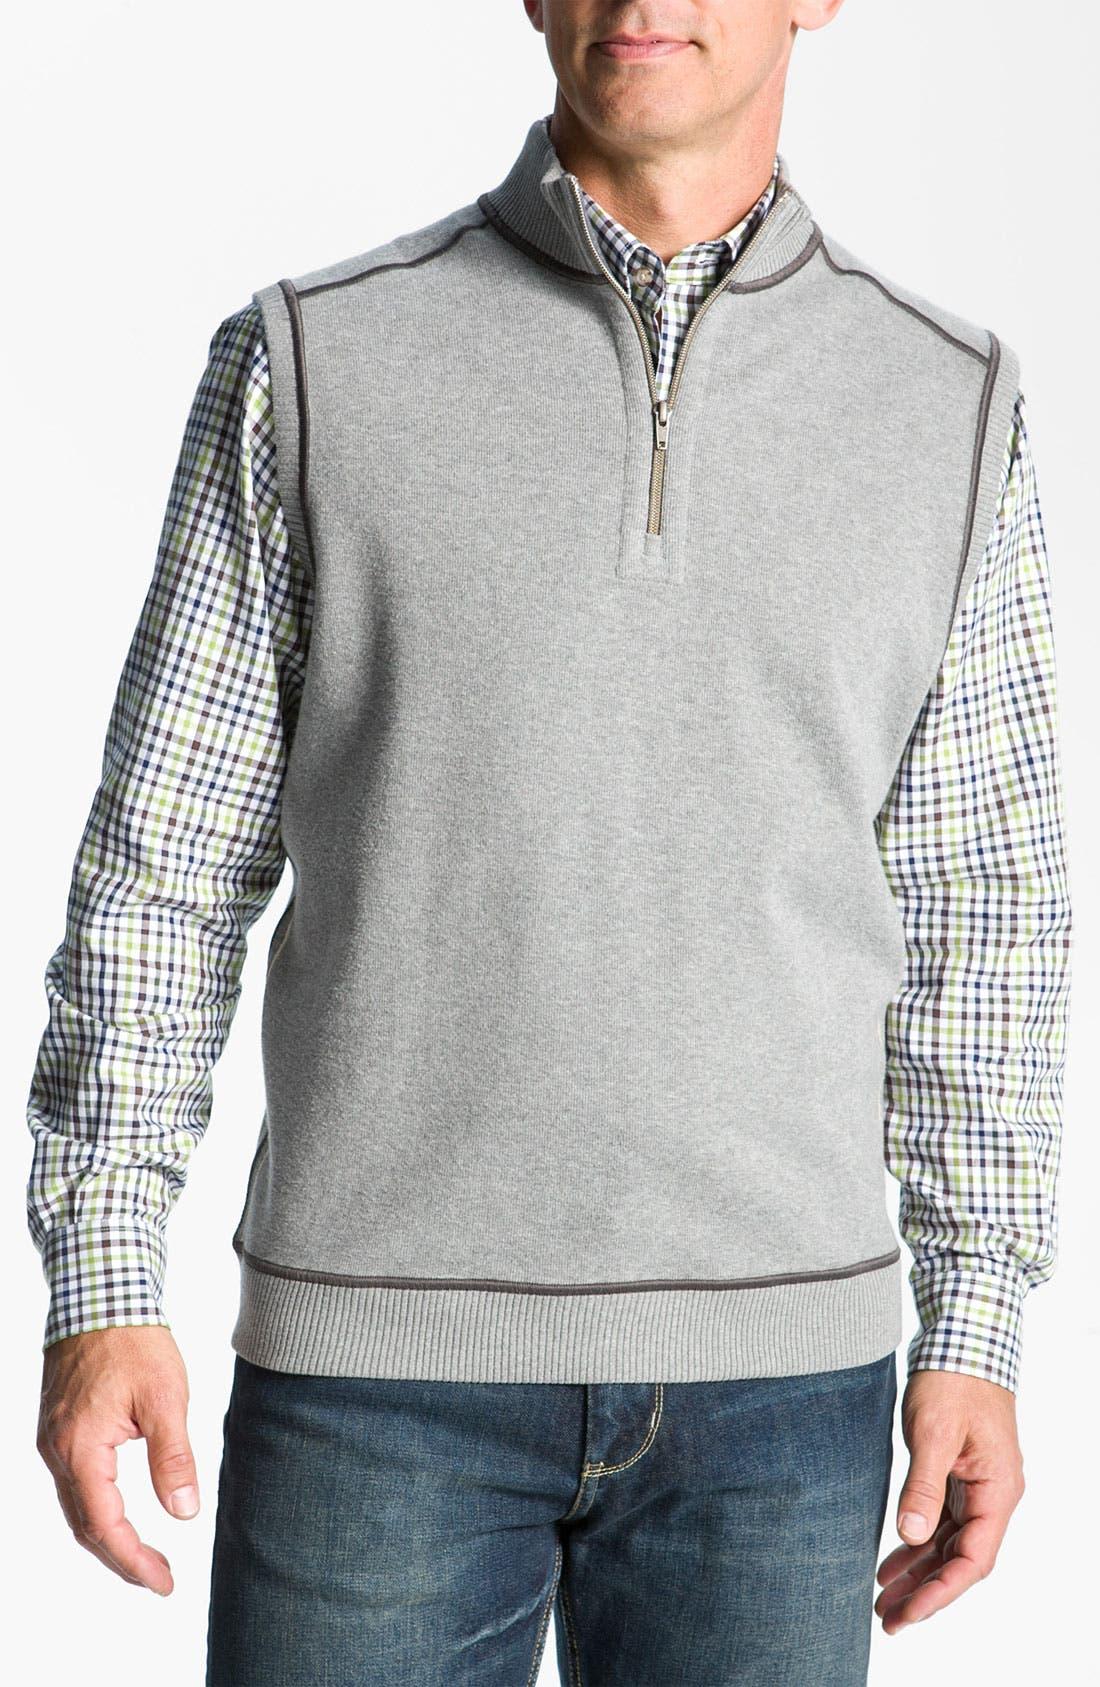 Main Image - Cutter & Buck 'Essex' Reversible Half Zip Vest